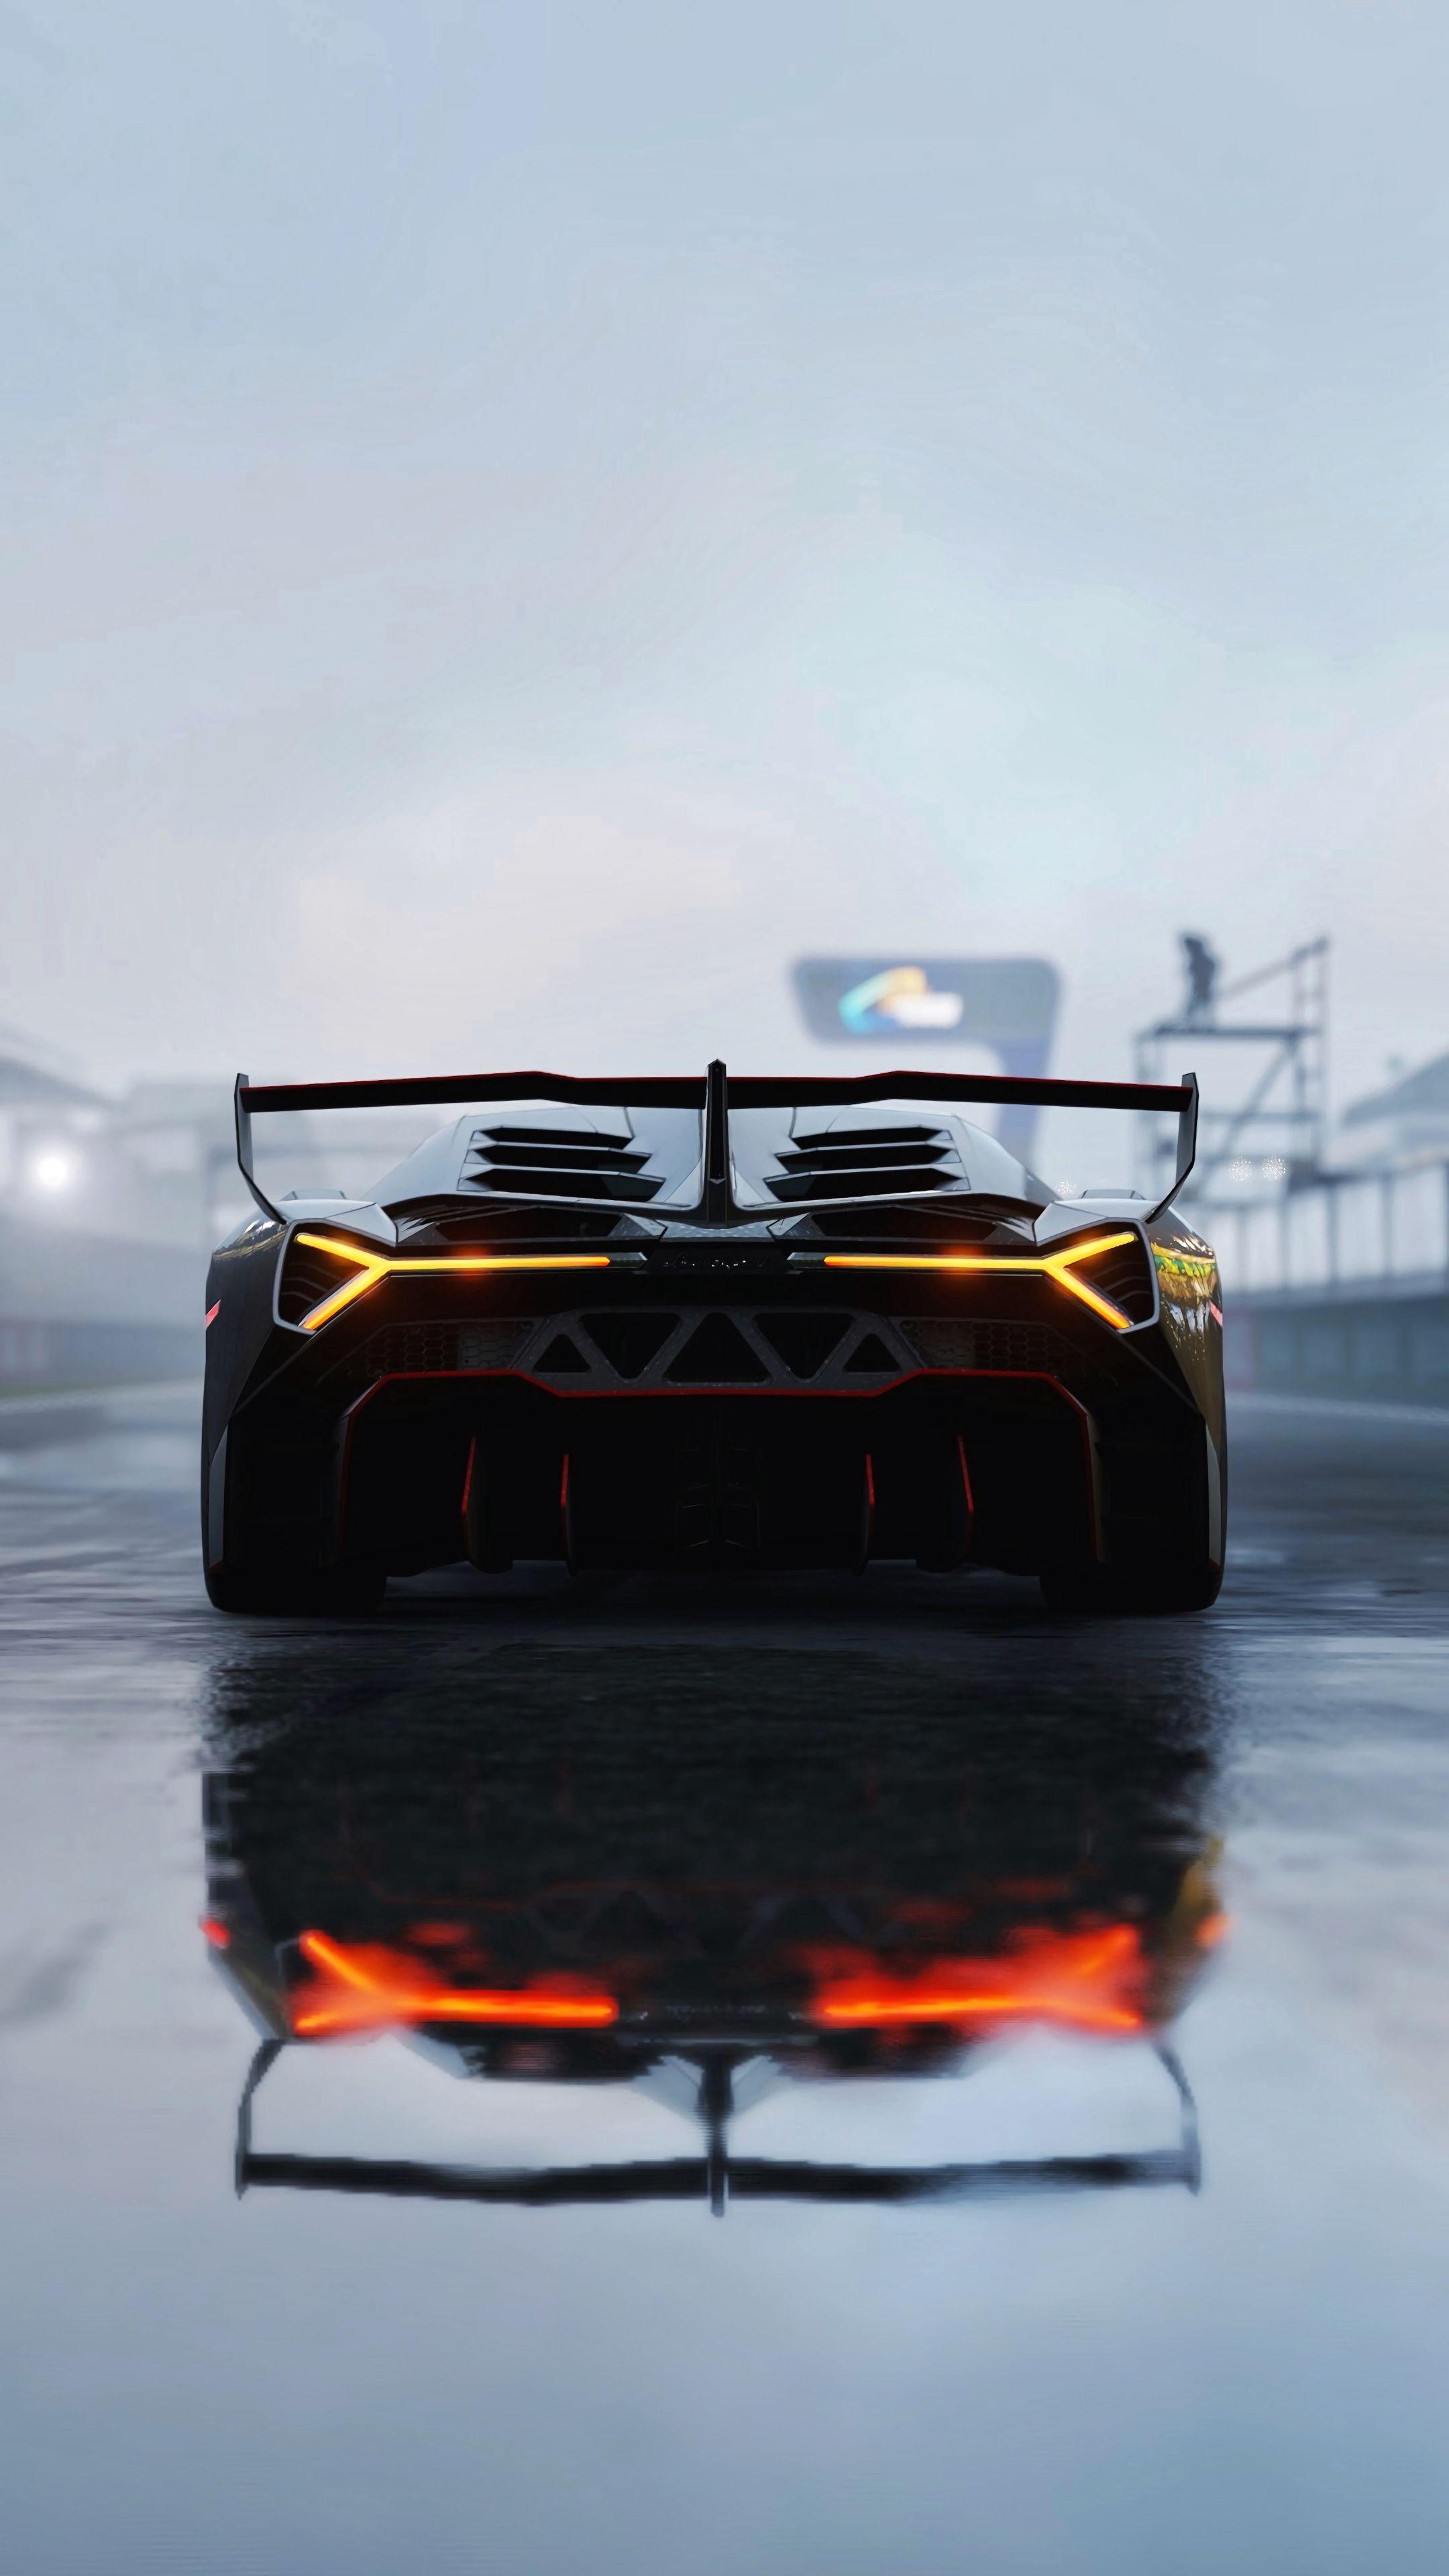 122420 Hintergrundbild herunterladen Lamborghini, Sport, Rennen, Cars, Sportwagen, Rückansicht, Lamborghini Veneno - Bildschirmschoner und Bilder kostenlos